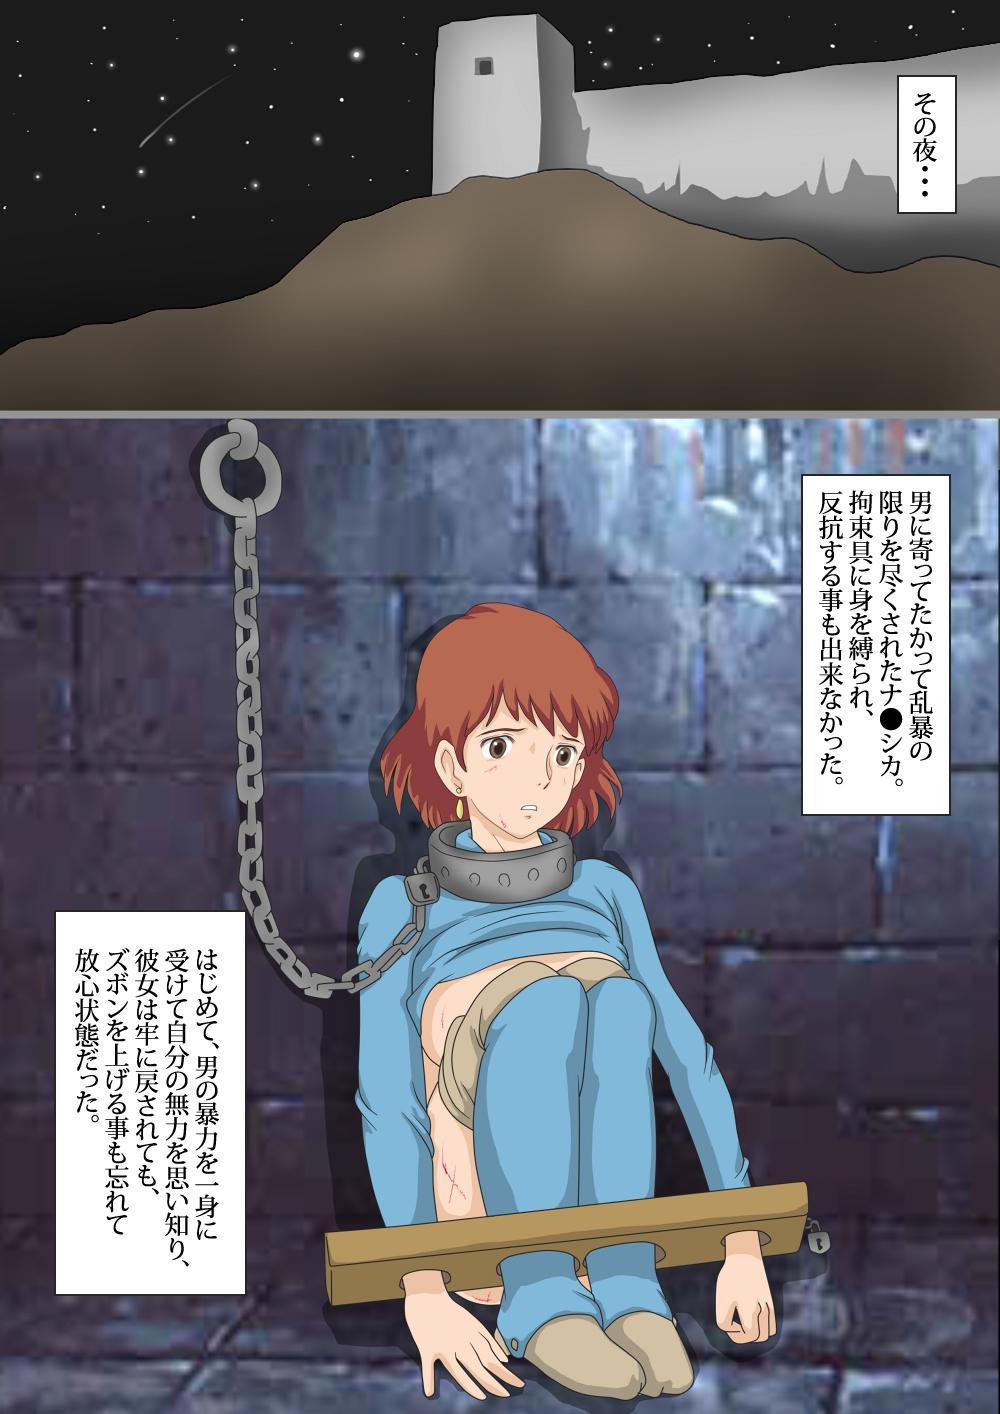 Kaze no Tani no Chikarou 15